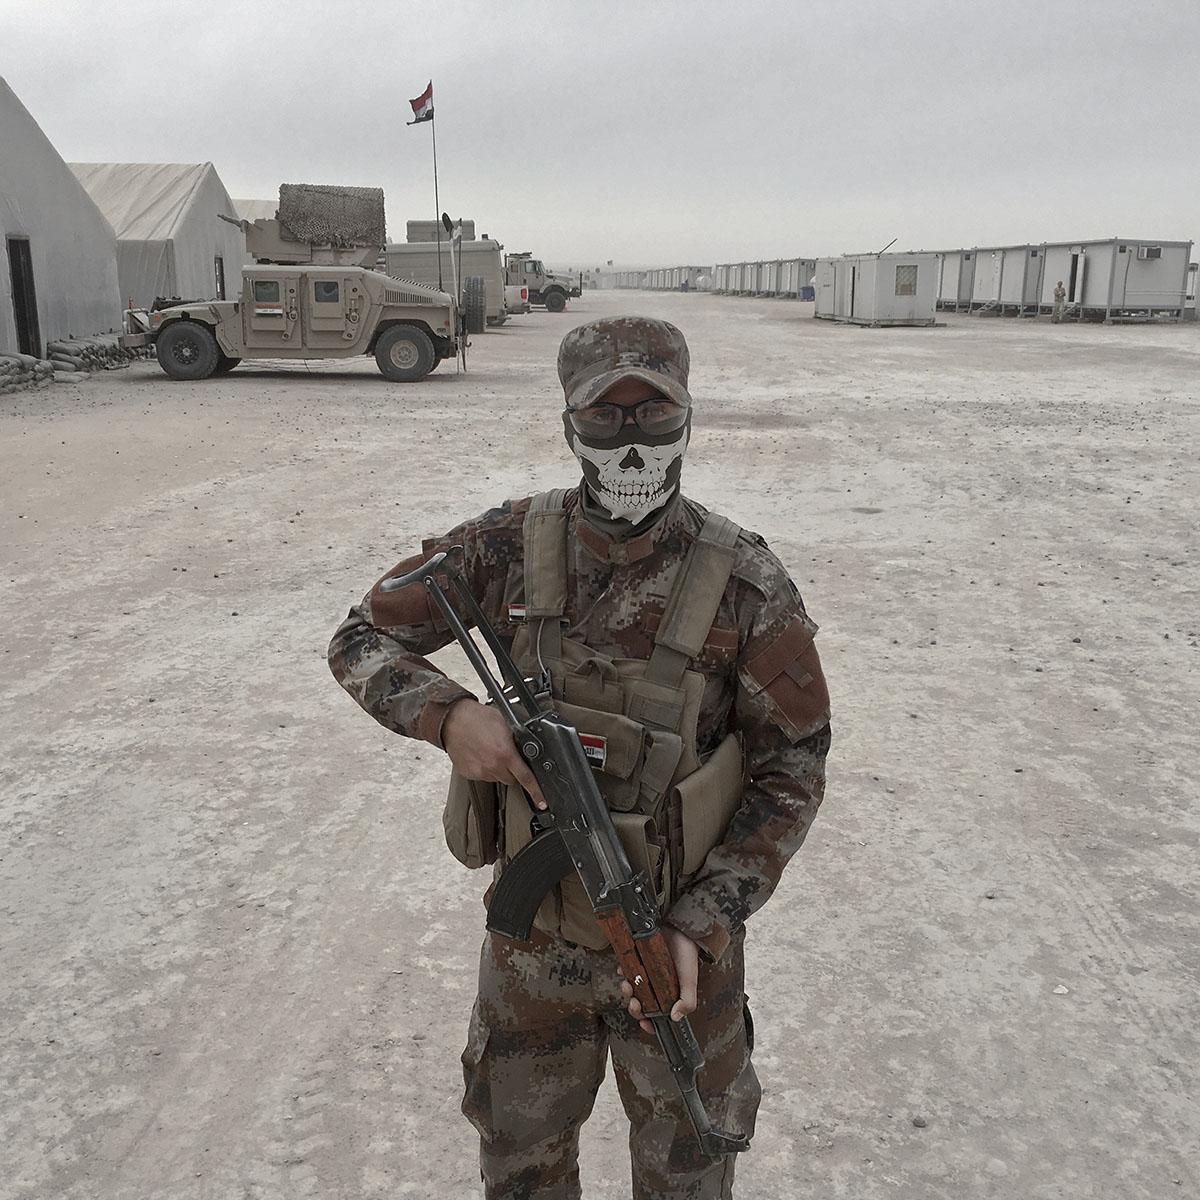 Loay Mahdi, an army soldier from Kirkuk, Iraq, stands guard at the Qayara West Coalition base in Qayara, south of Mosul, Iraq, Oct. 28, 2016.